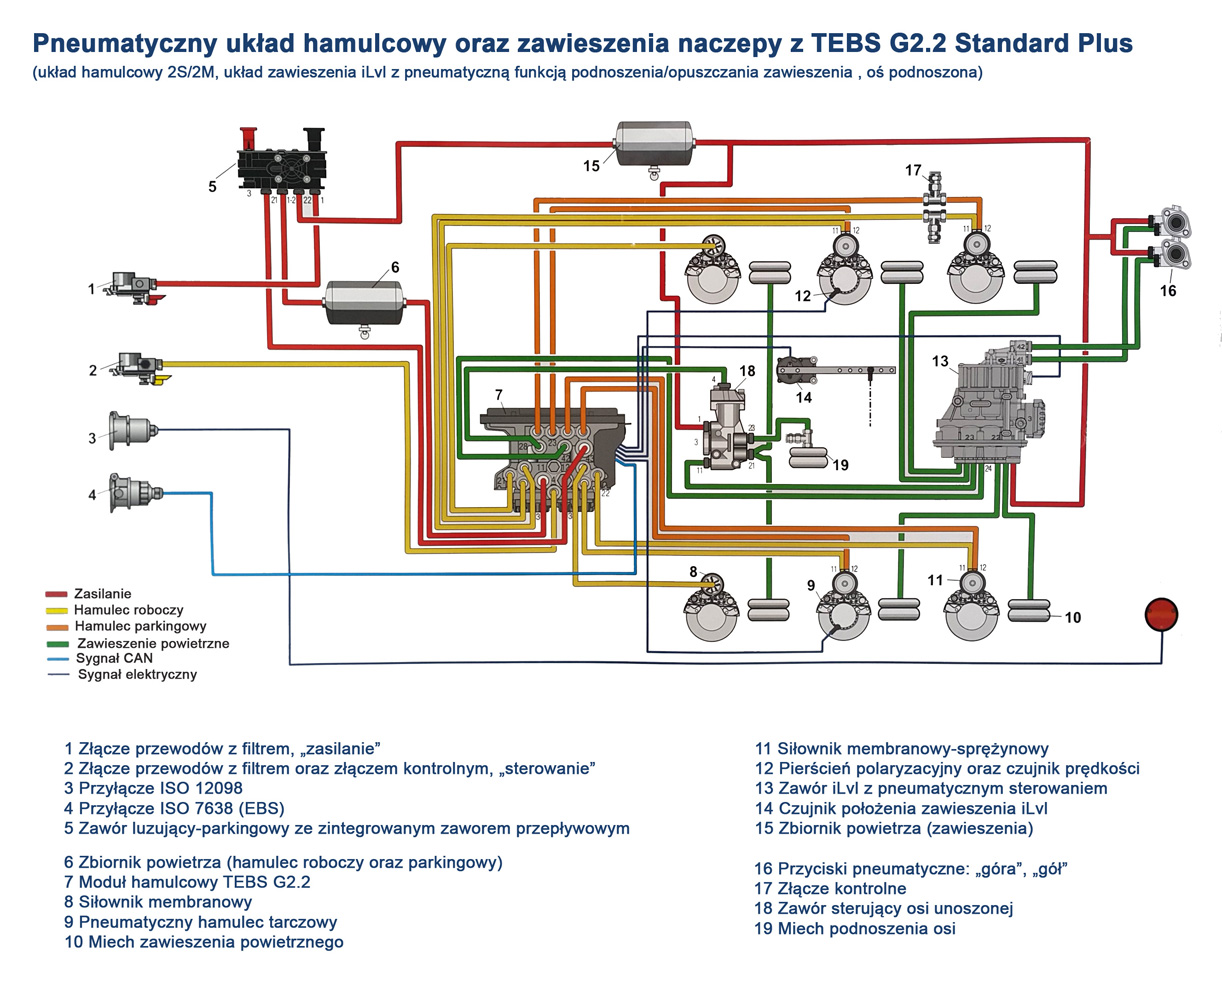 schemat układu hamulcowego, zawieszenia naczepy z TEBS G2.2